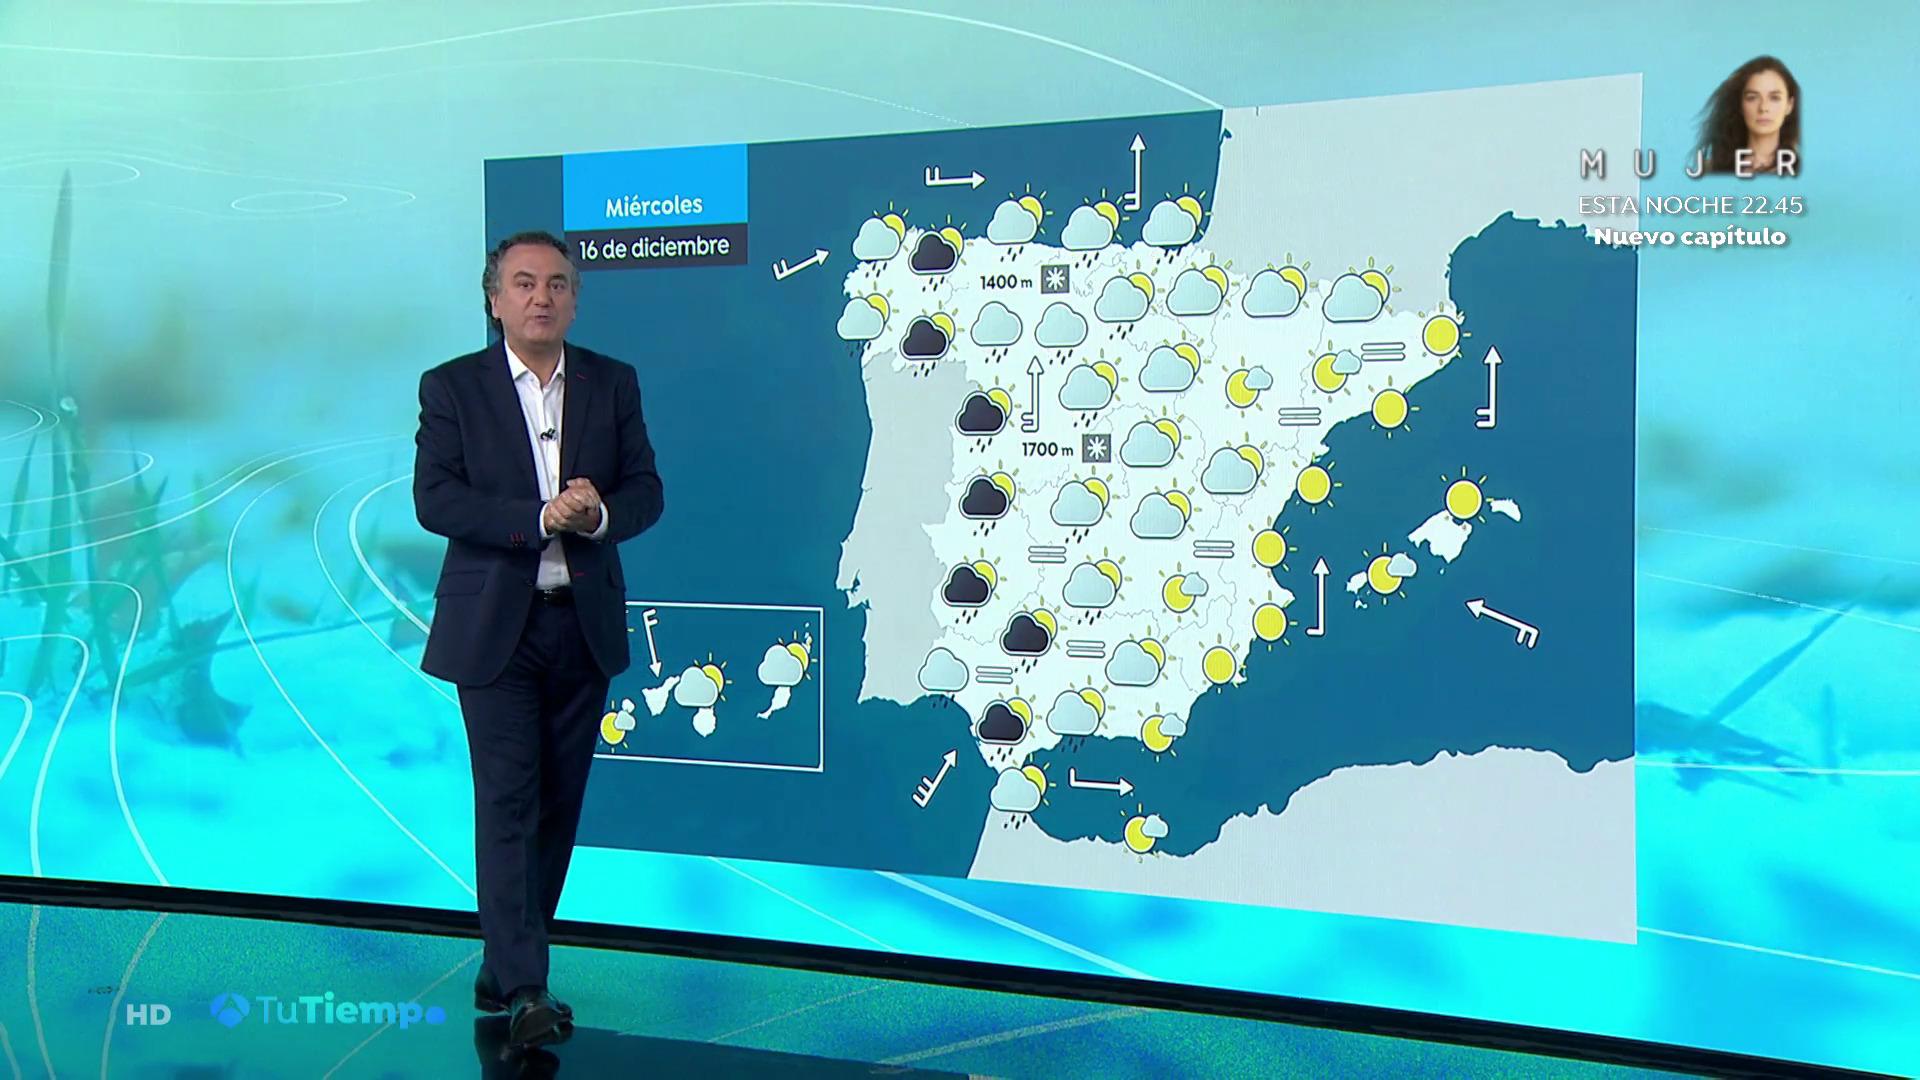 Diciembre 2020 (15-12-20) Lluvias dispersas en la Península que remitirán al final del día excepto en Galicia donde serán persistentes